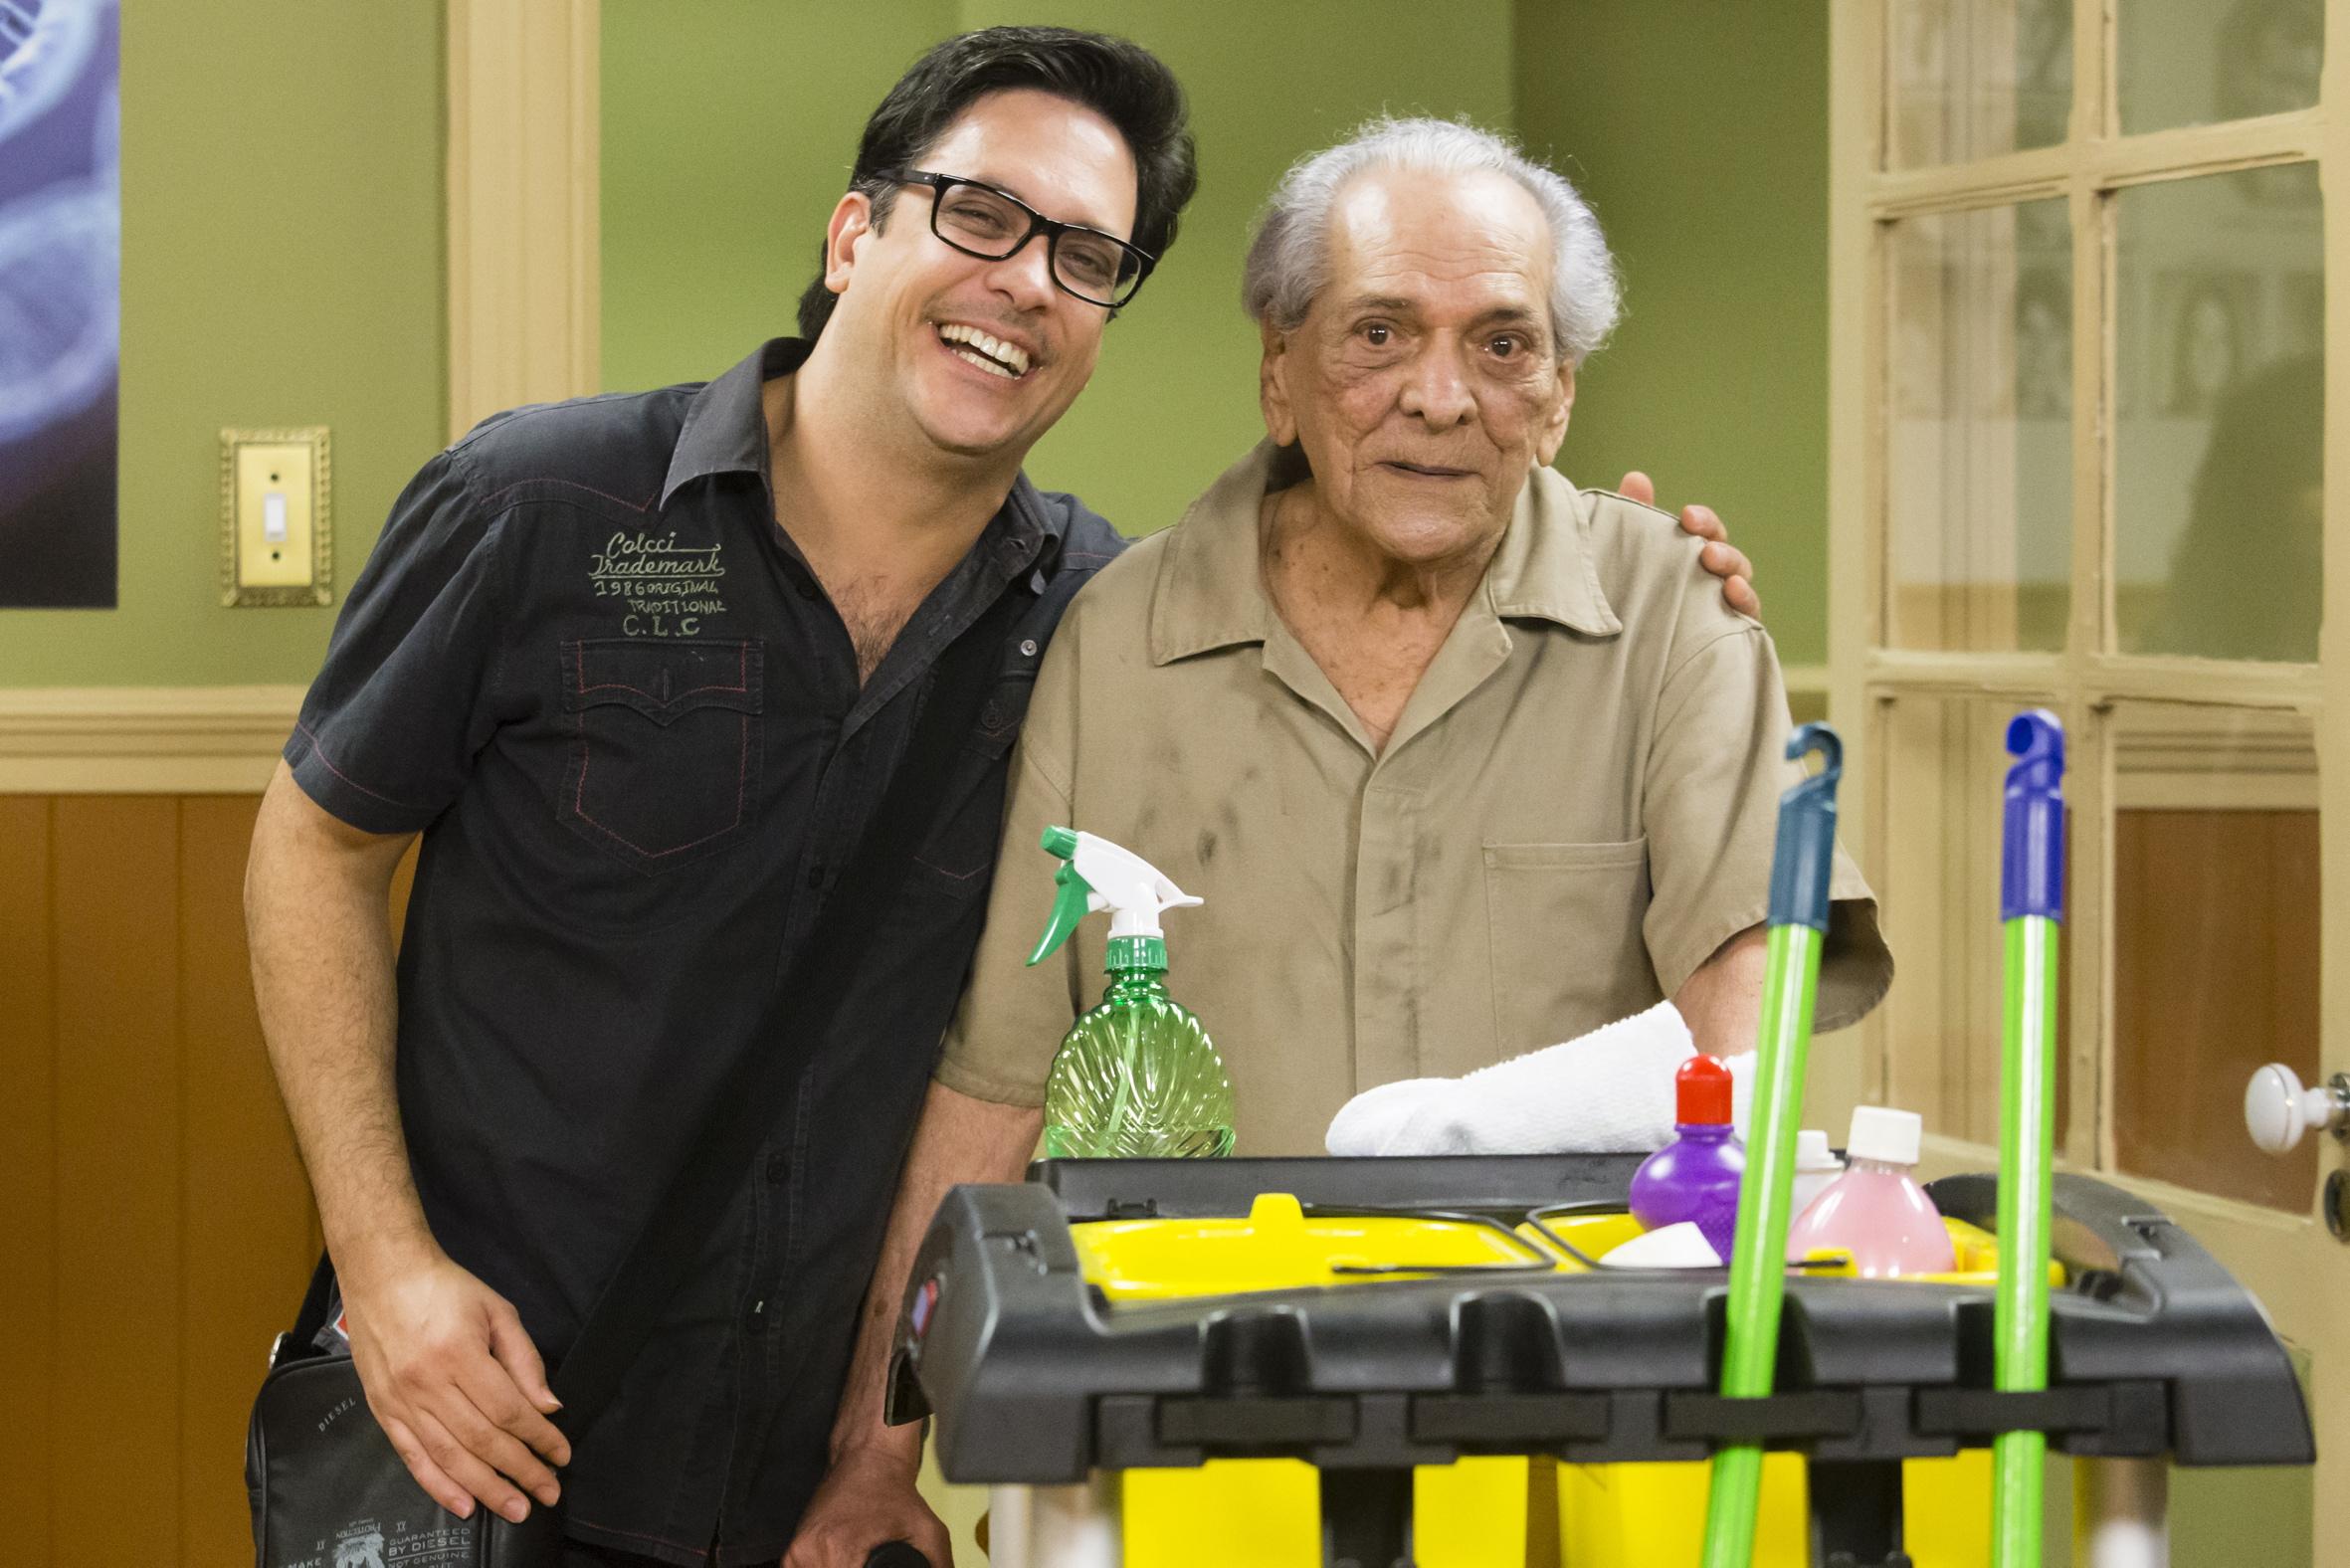 Bastidor de Lucio Mauro Filho com o pai, Lúcio Mauro, que faz uma participação especial